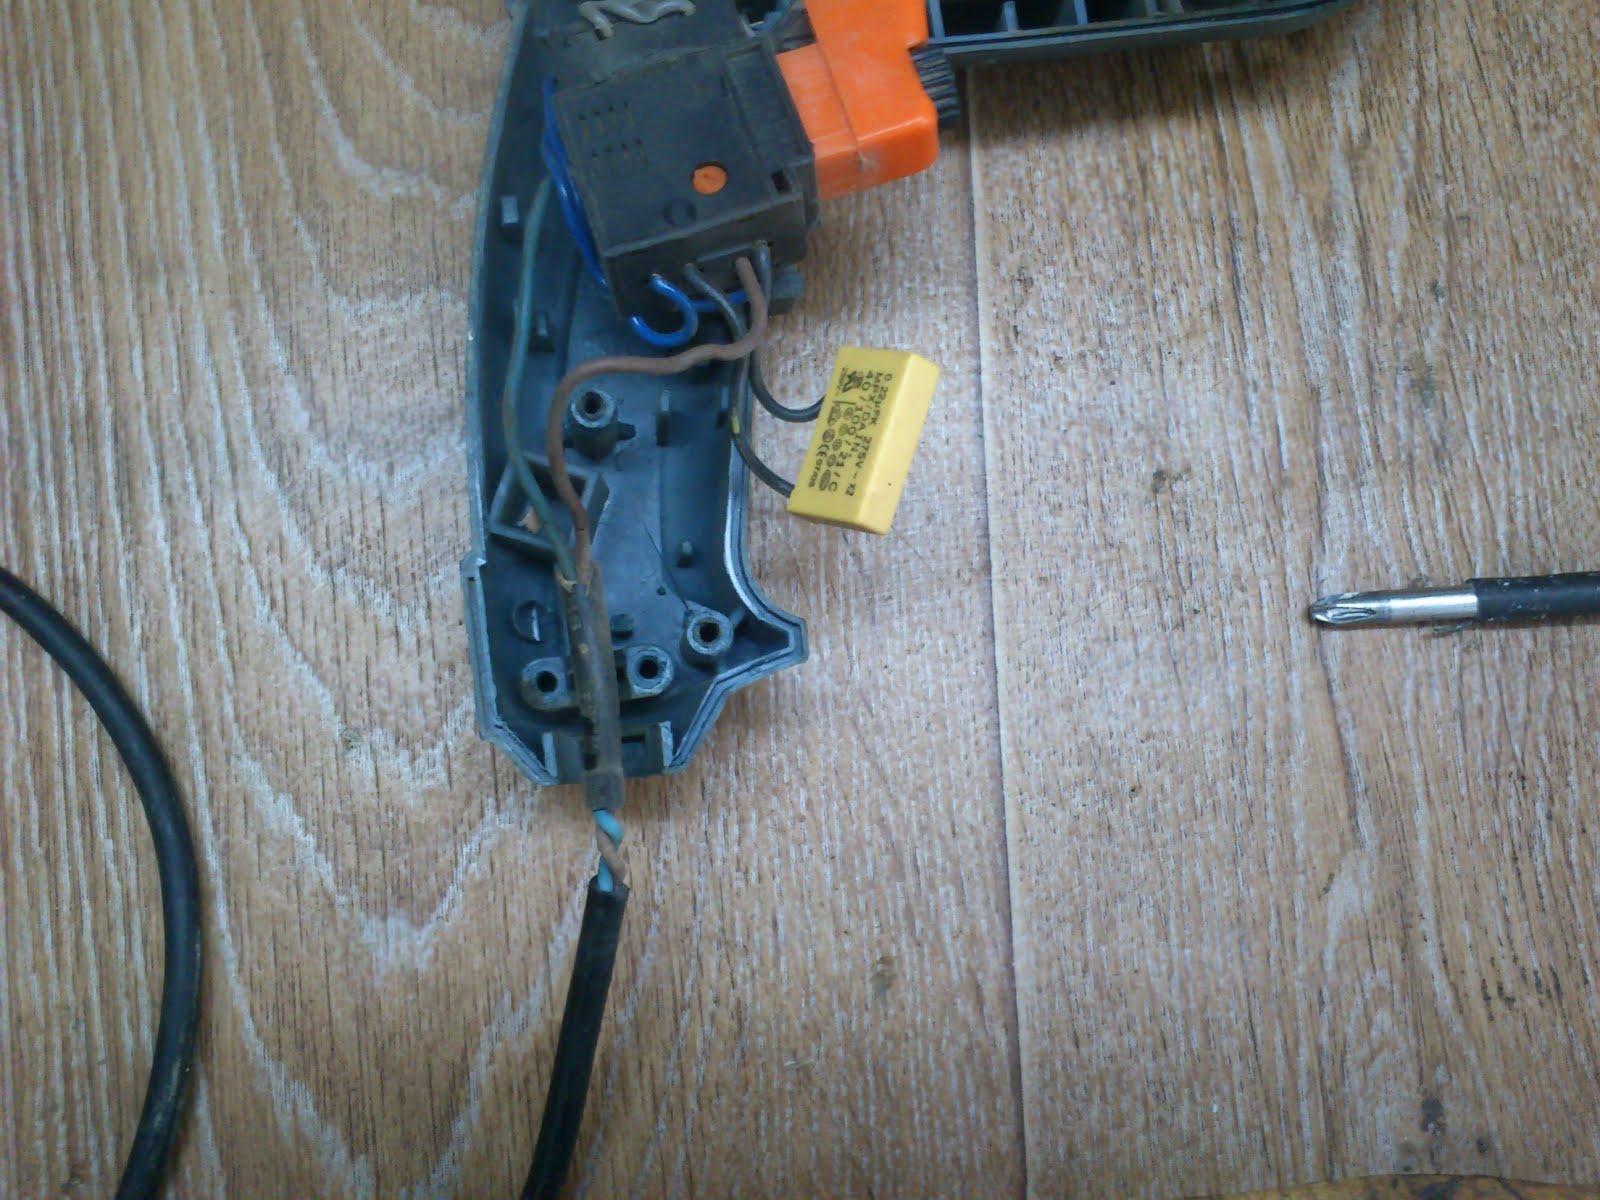 Ремонт ударной дрели своими руками фото 294